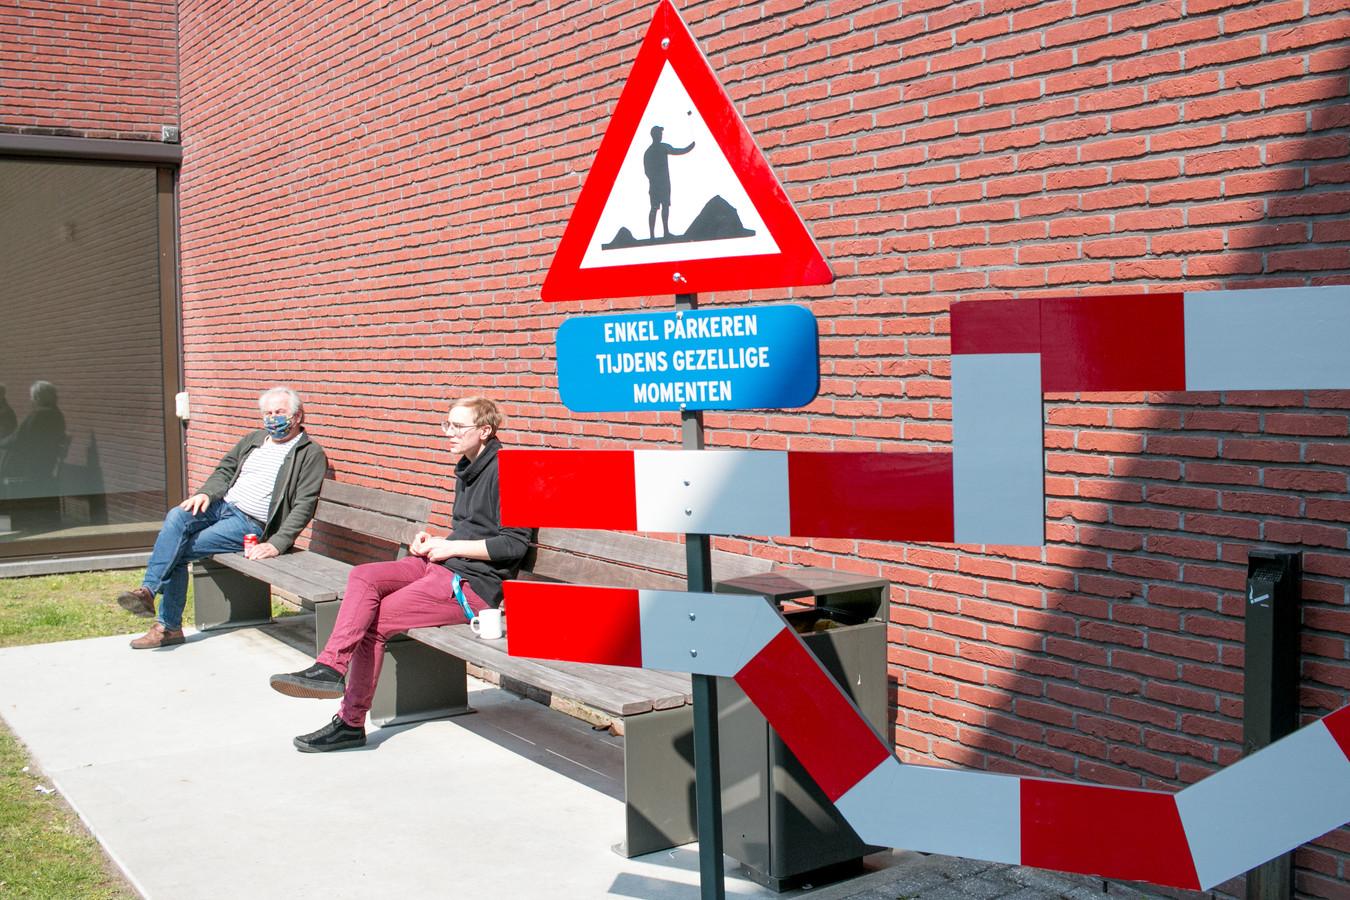 De Nederlander 'Boyscout Designer' zoekt de rafelige randen op van de publieke ruimte. Op zeven plaatsen in het stadscentrum zet hij opvallende installaties.